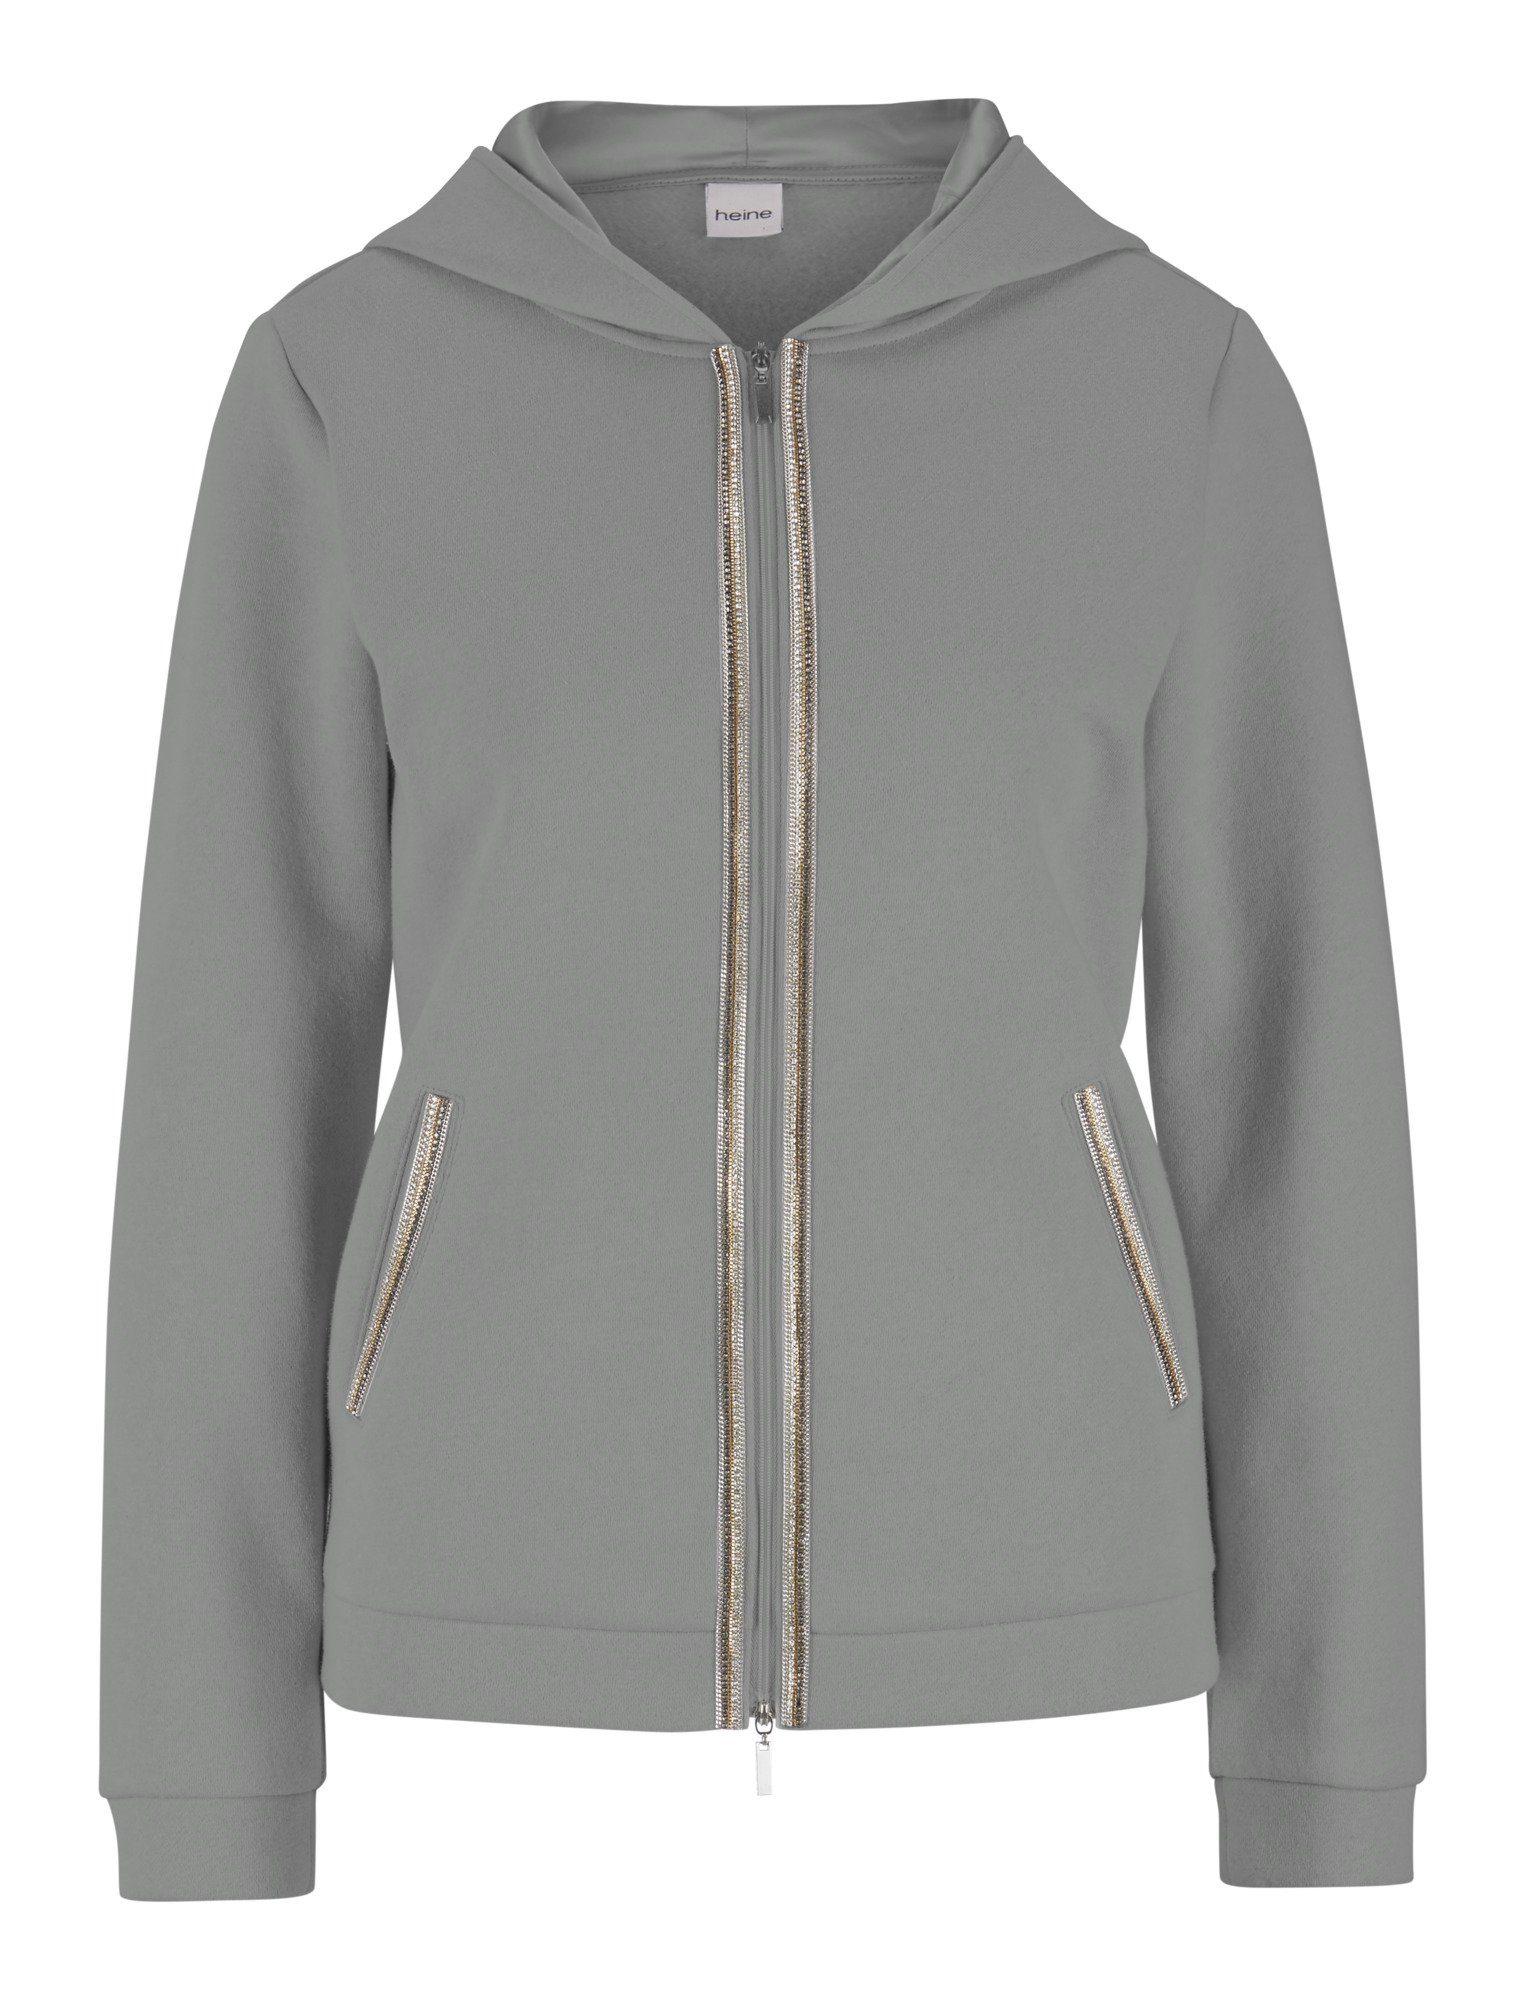 Heine Casual Shirtjacke Aus Sweatqualität Kaufen